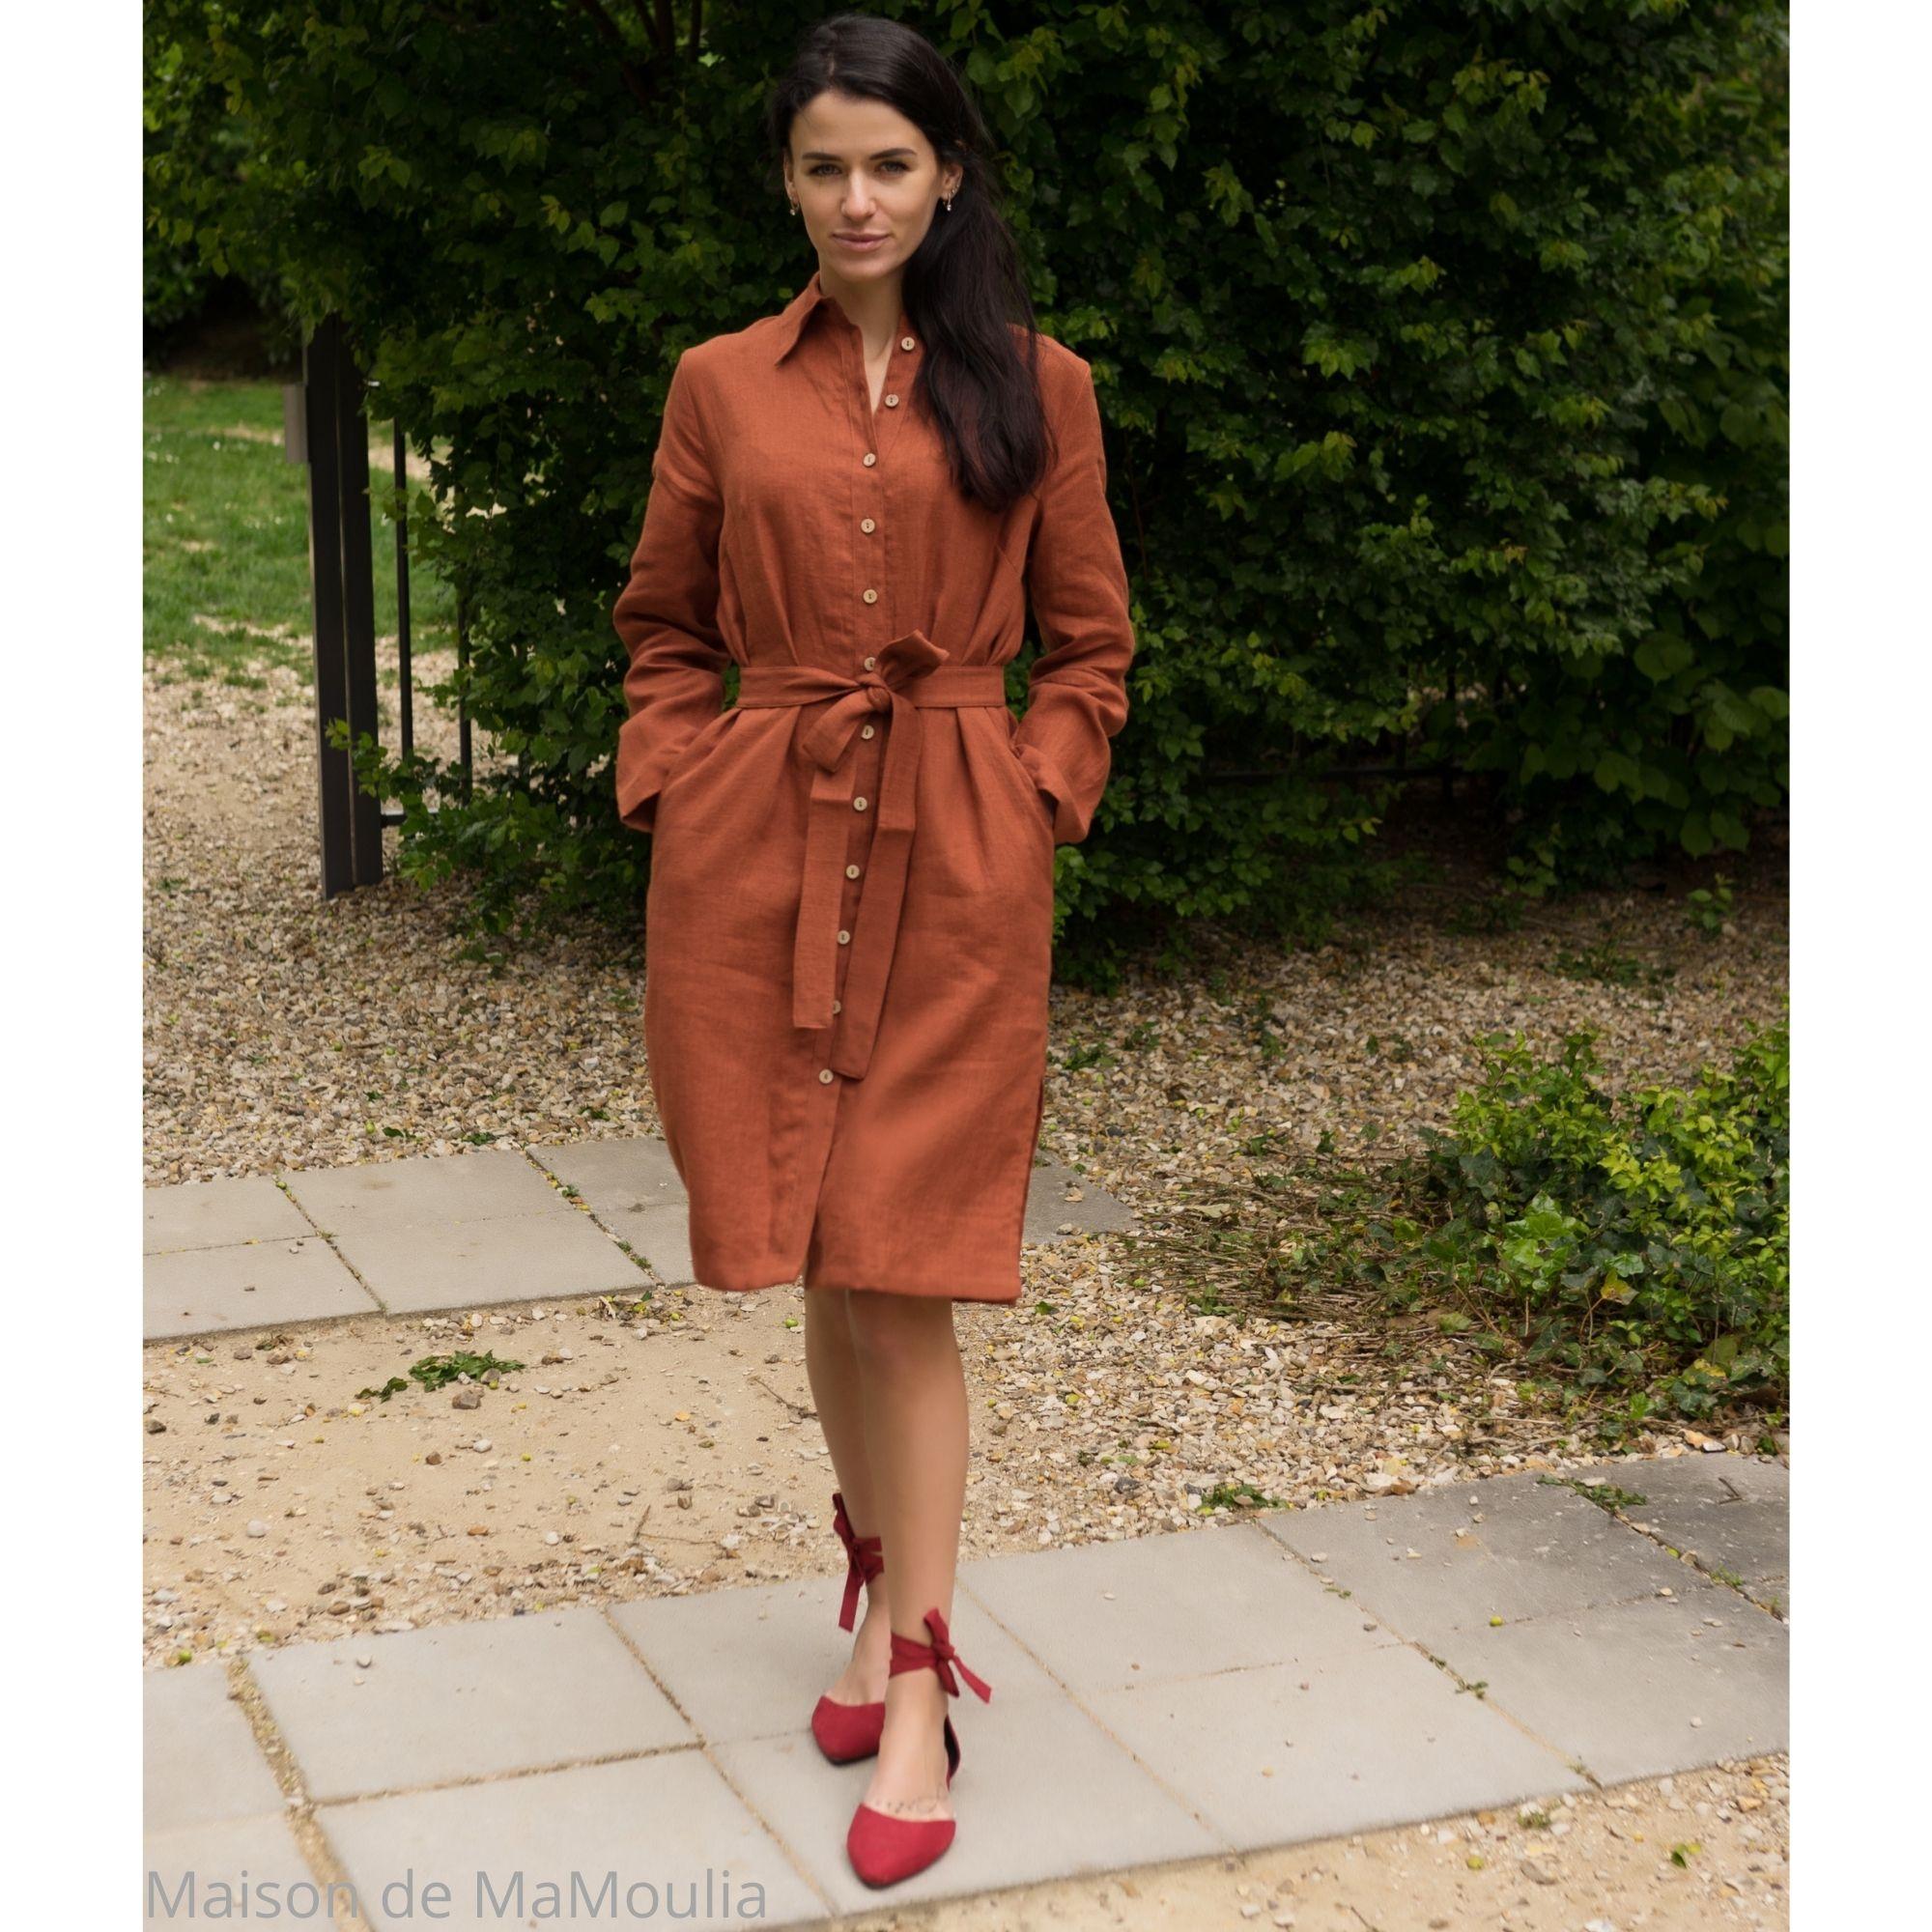 SIMPLY GREY - Robe-chemise femme - 100% lin lavé - Rouge brique